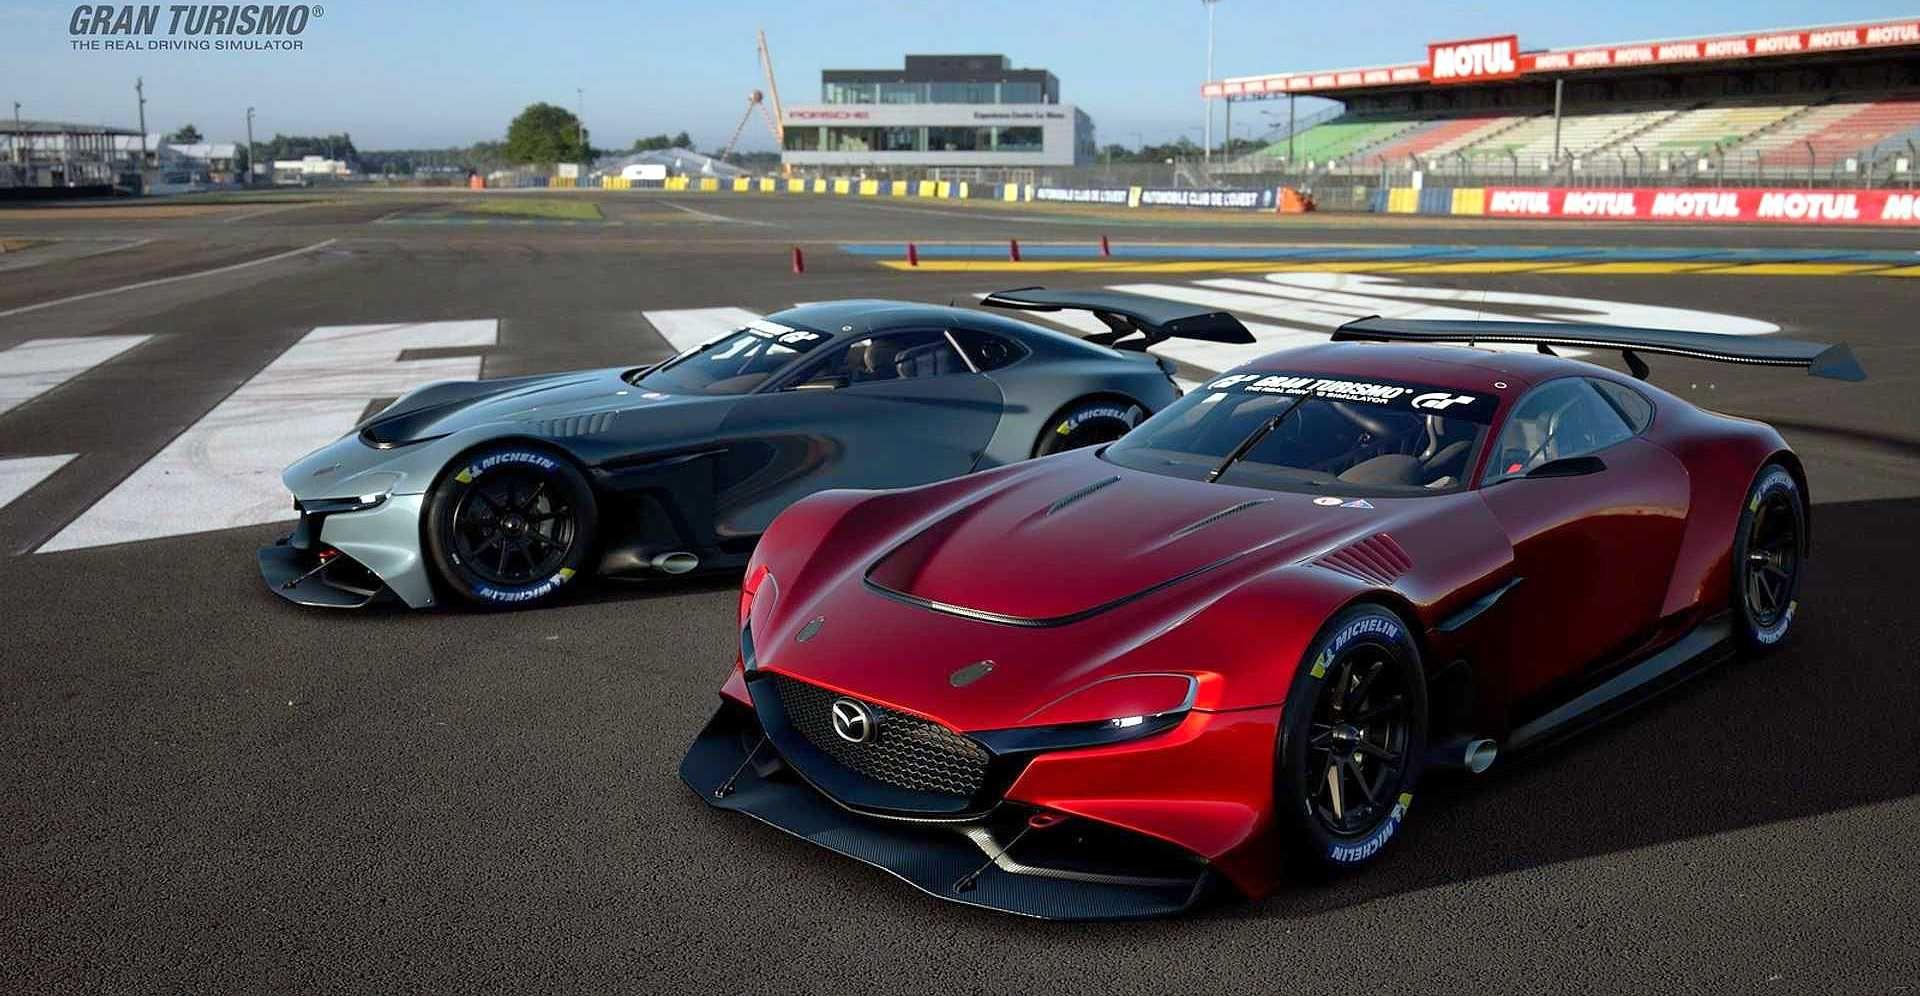 Το Mazda RXVision GT3 Concept μπαίνει στο Gran Turismo